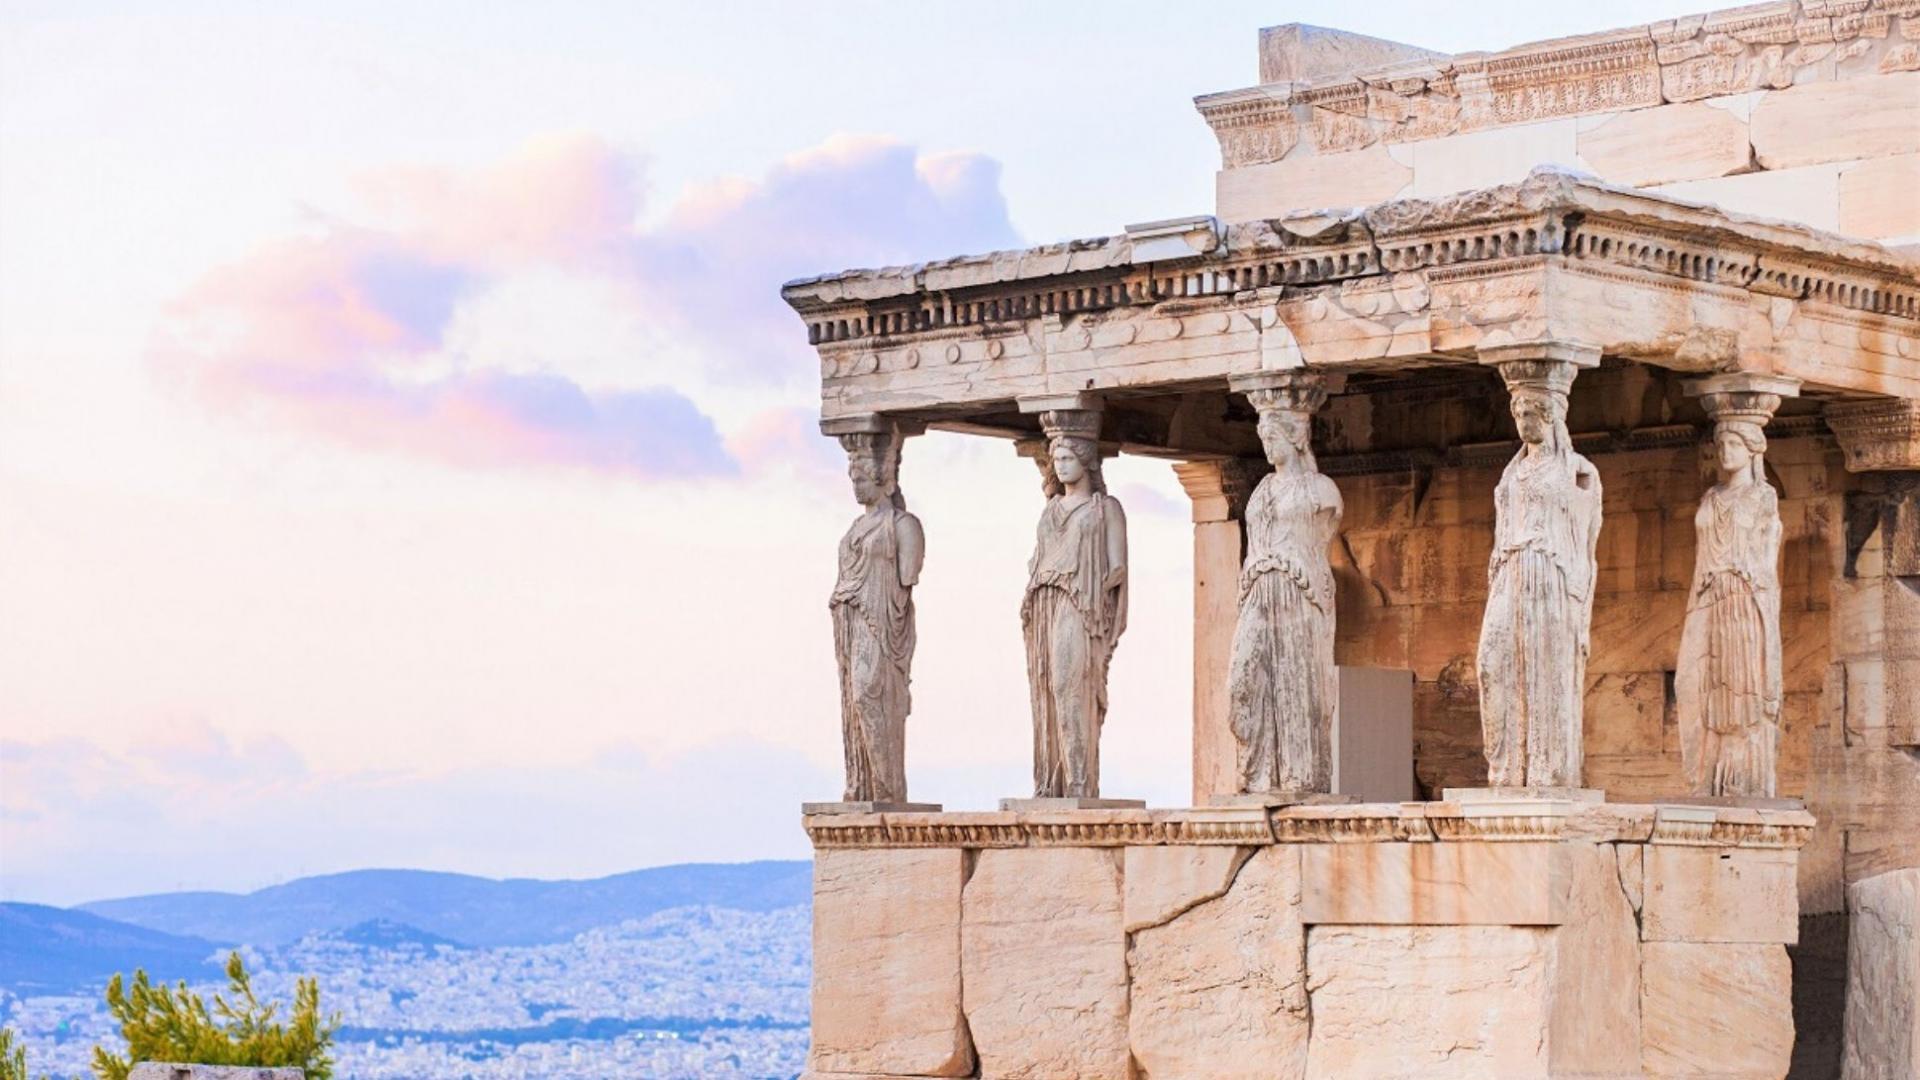 Viena žymiausių lankytinų vietų Atėnuose - Erechtėjonas